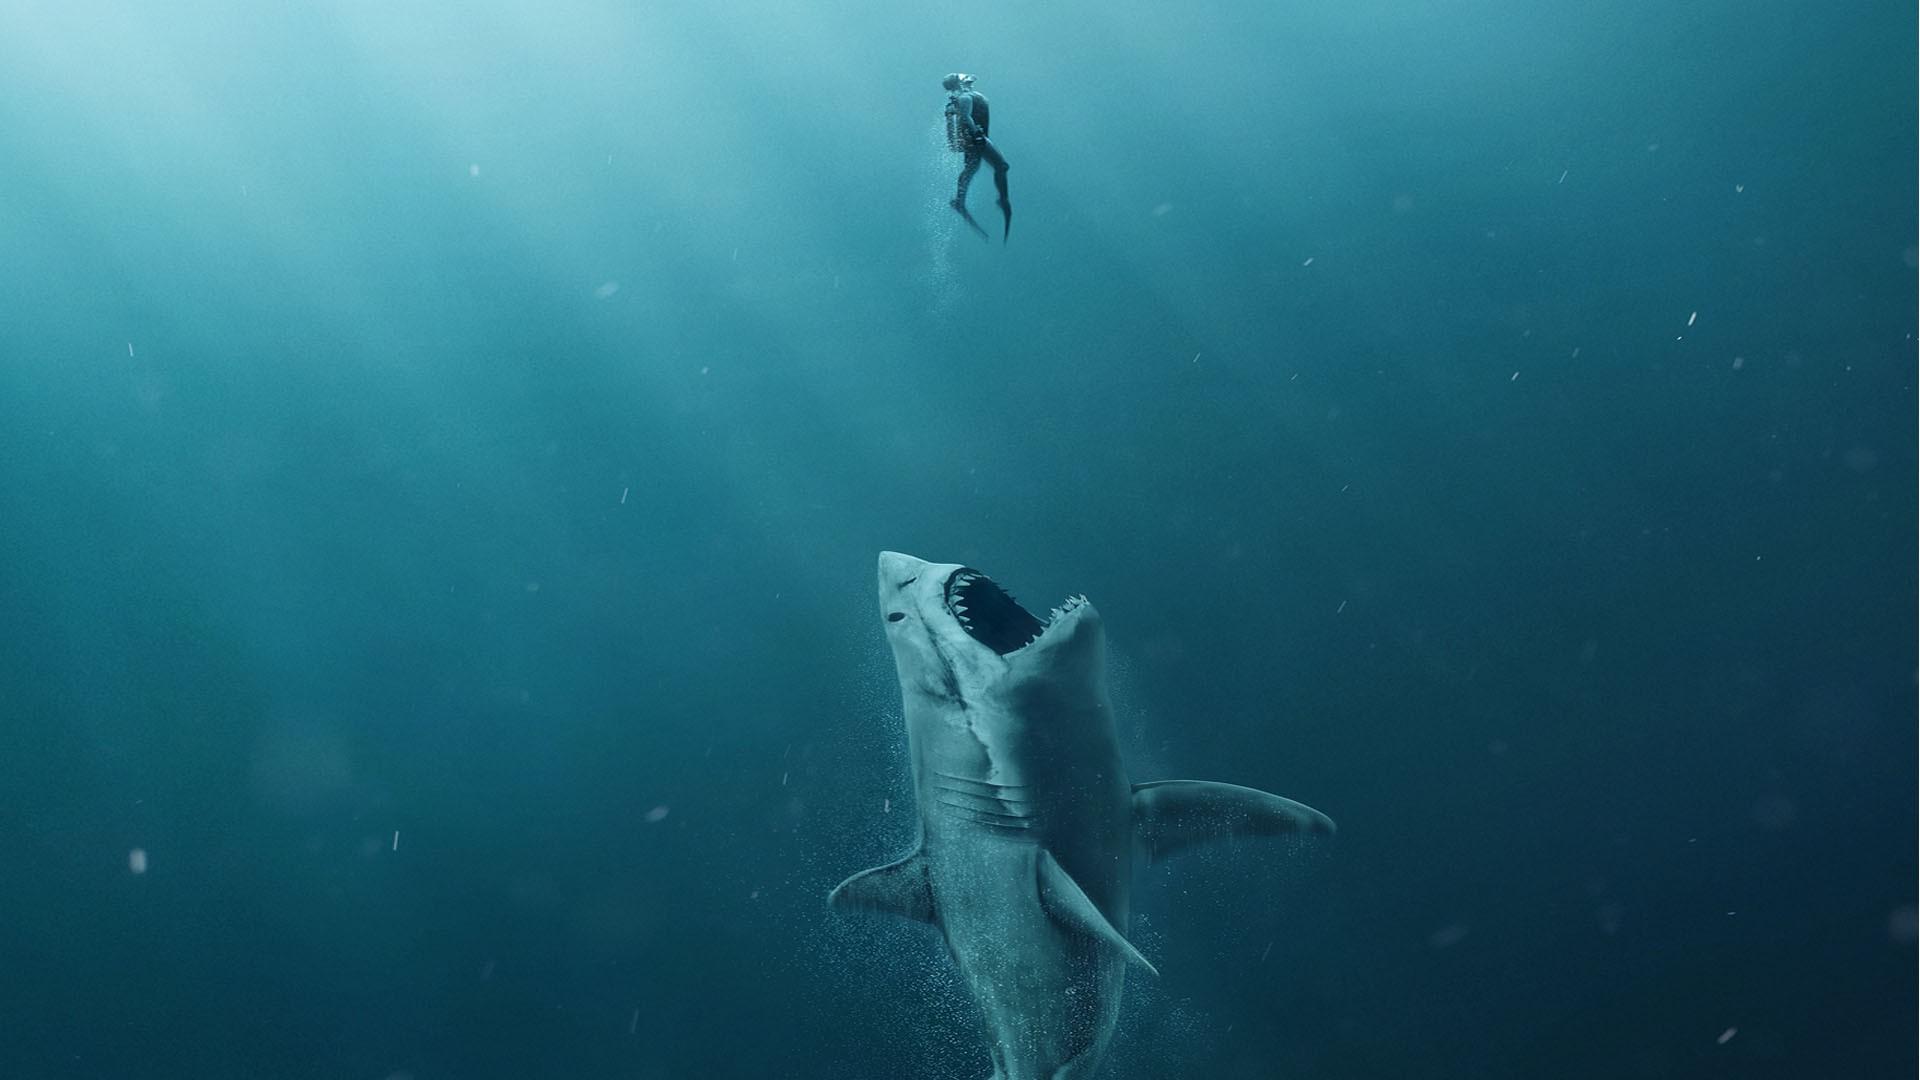 Filme mostra criatura marinha lutando contra humanos (Foto: Divulgação)